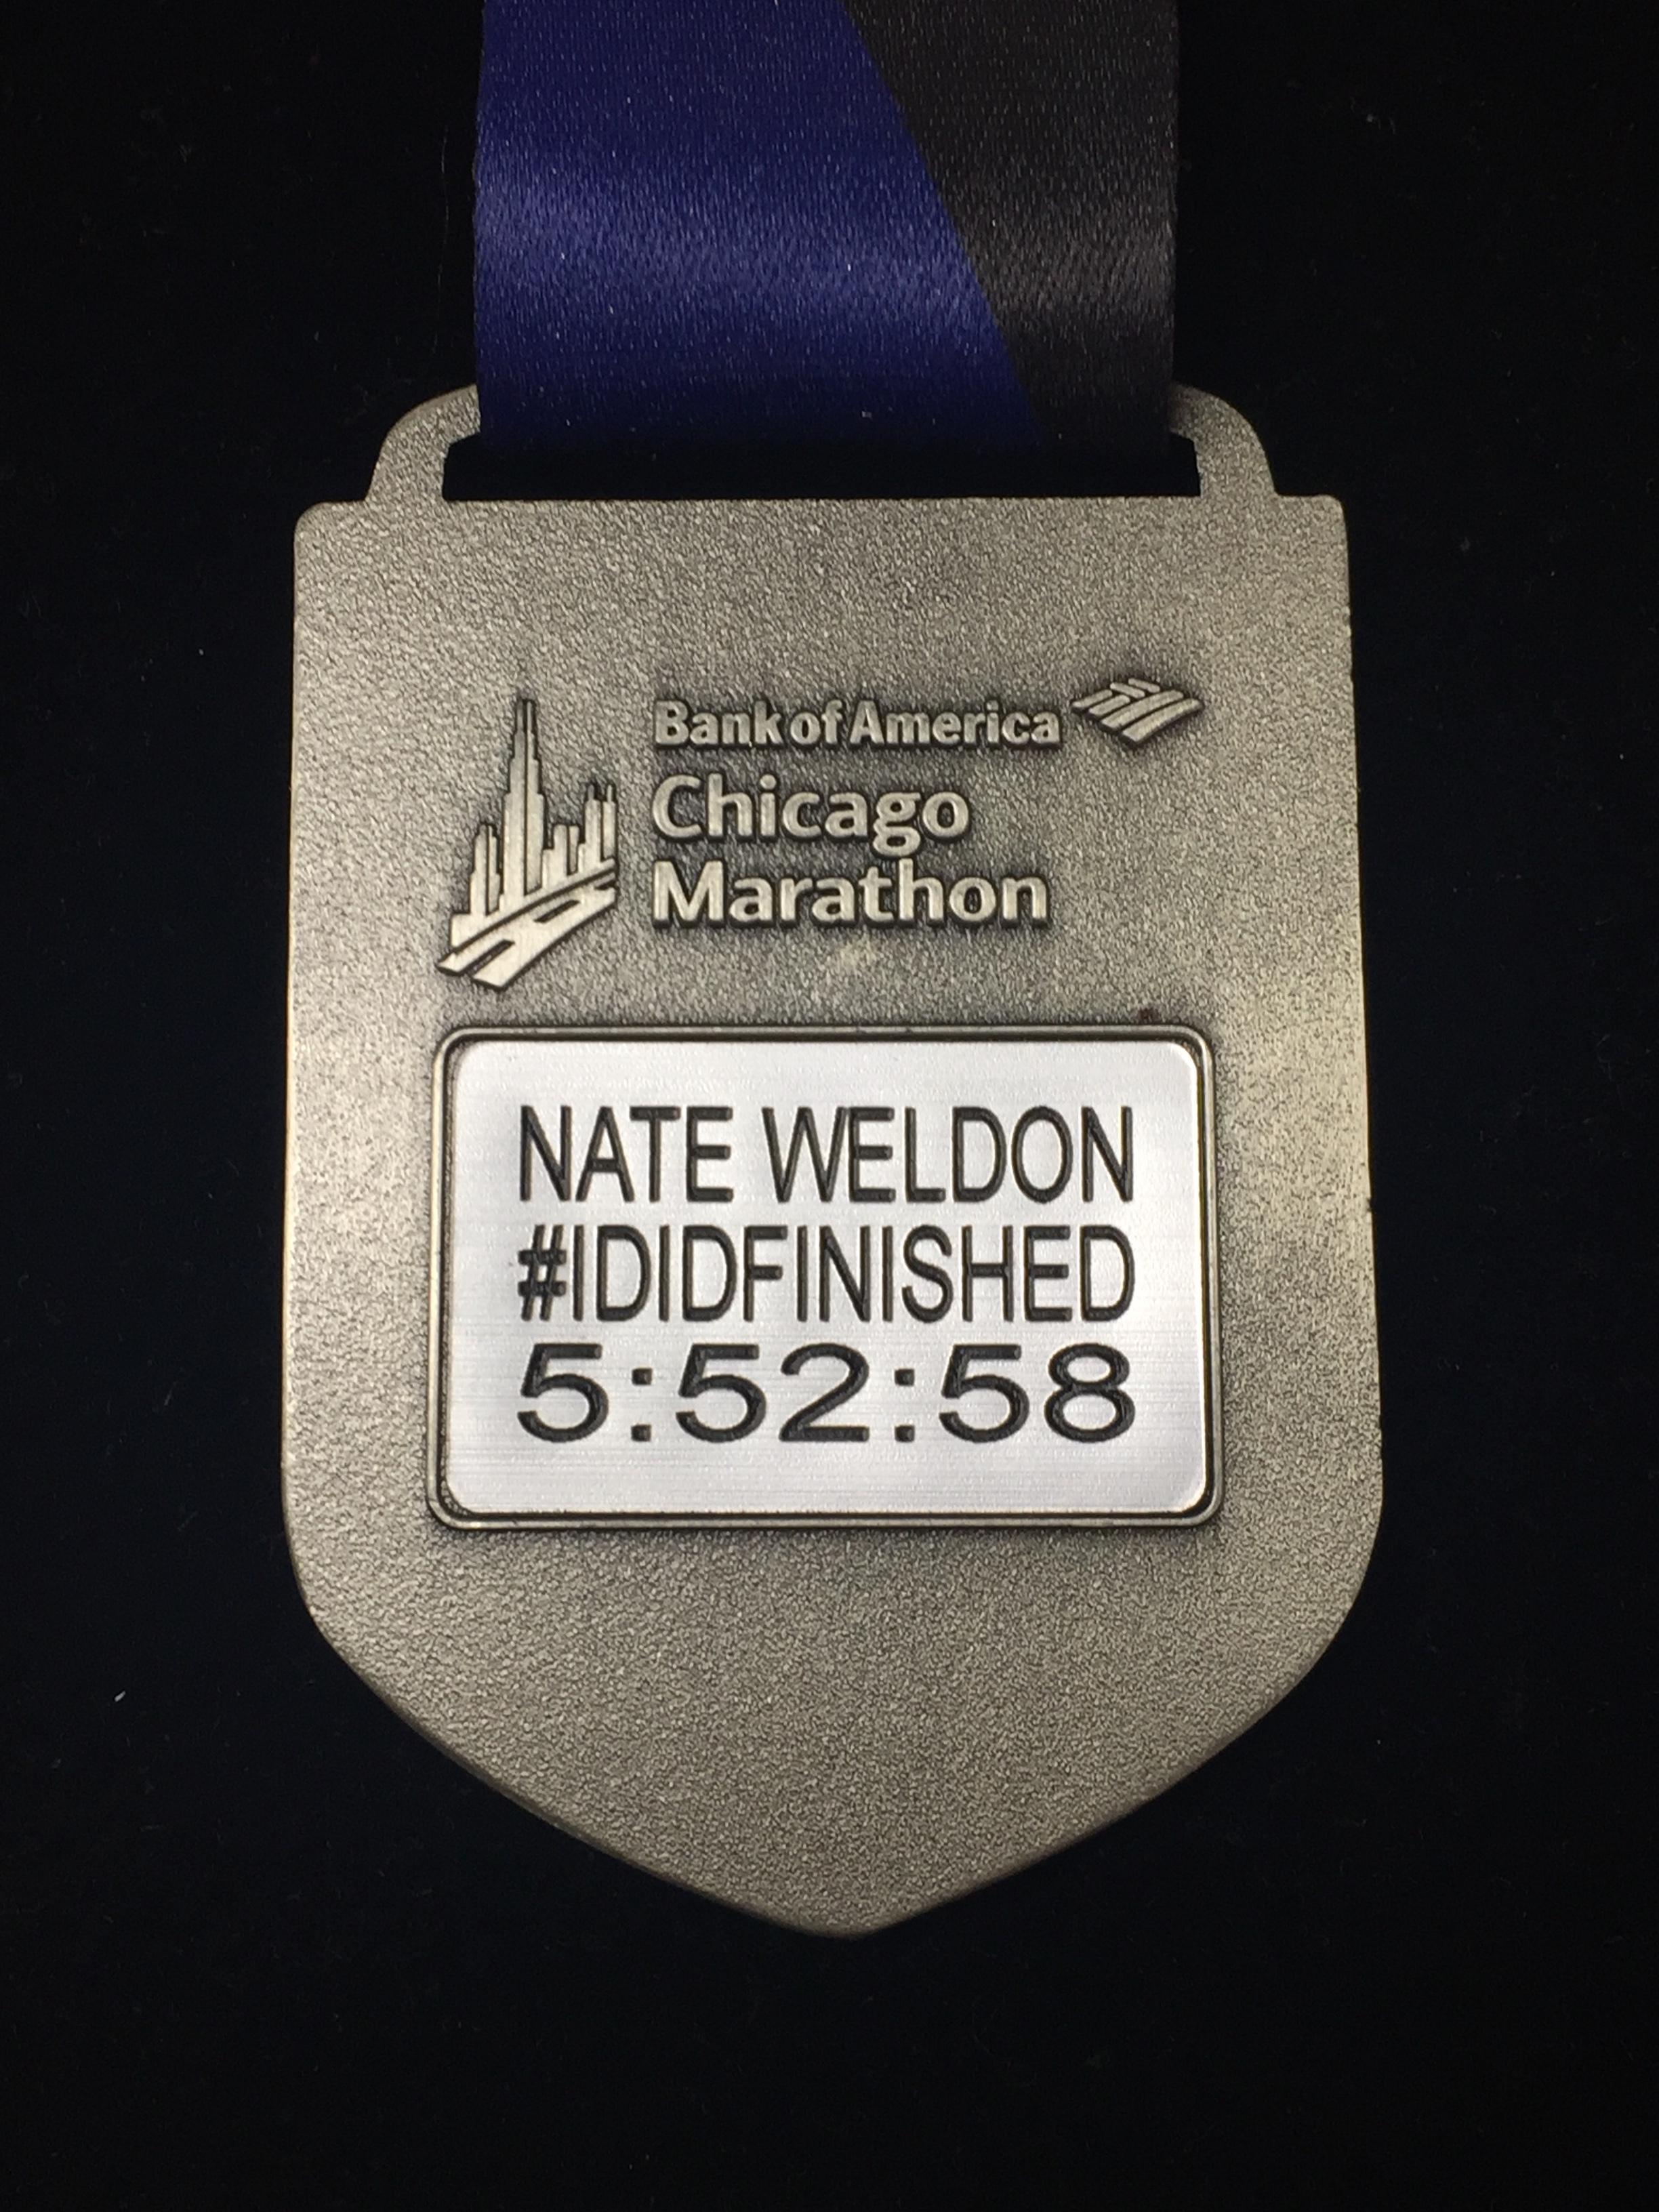 2016-chicago-marathon-etags4